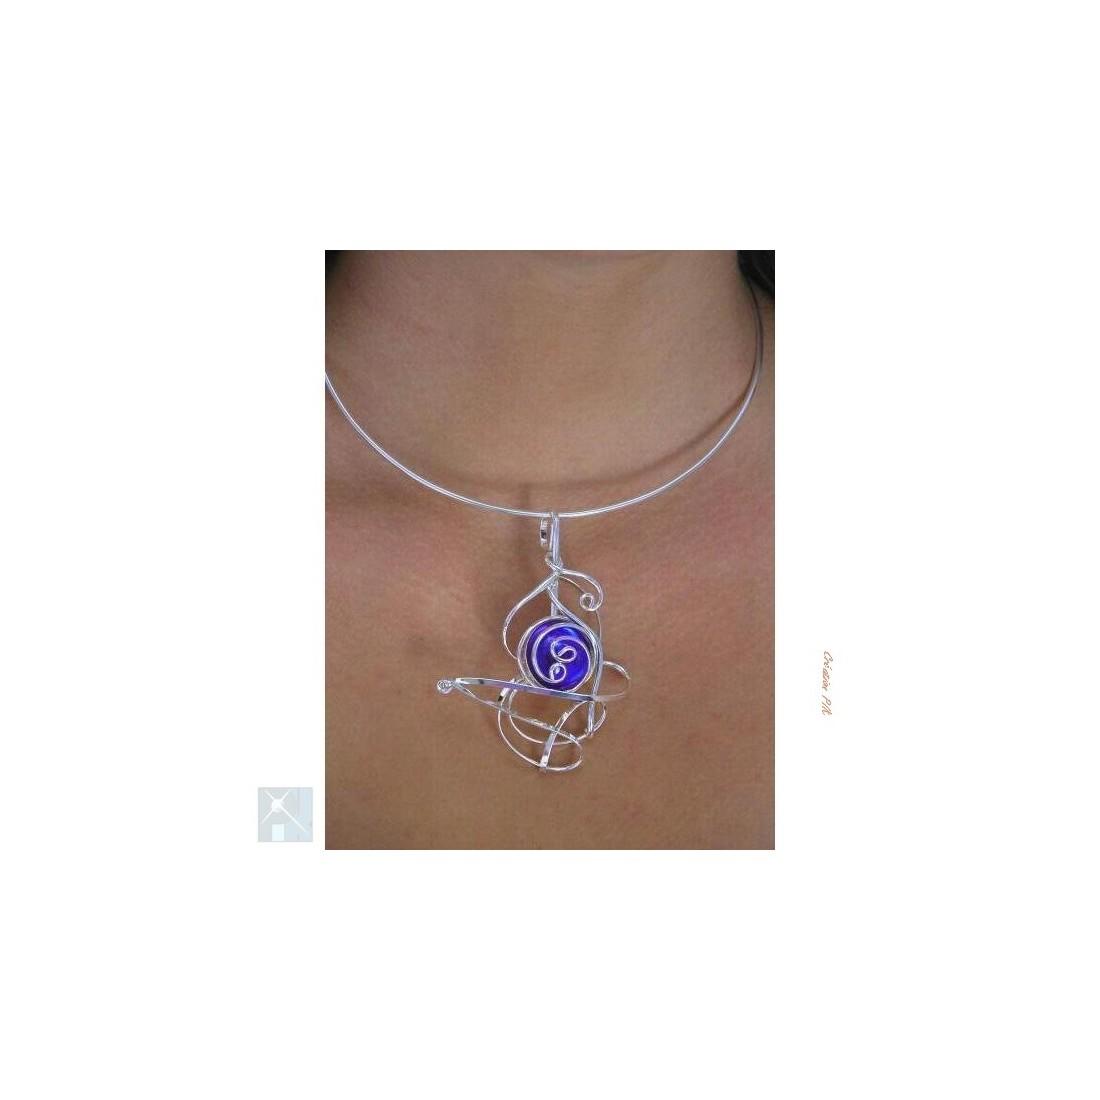 Collier argent de couleur saphir ou bleu foncé